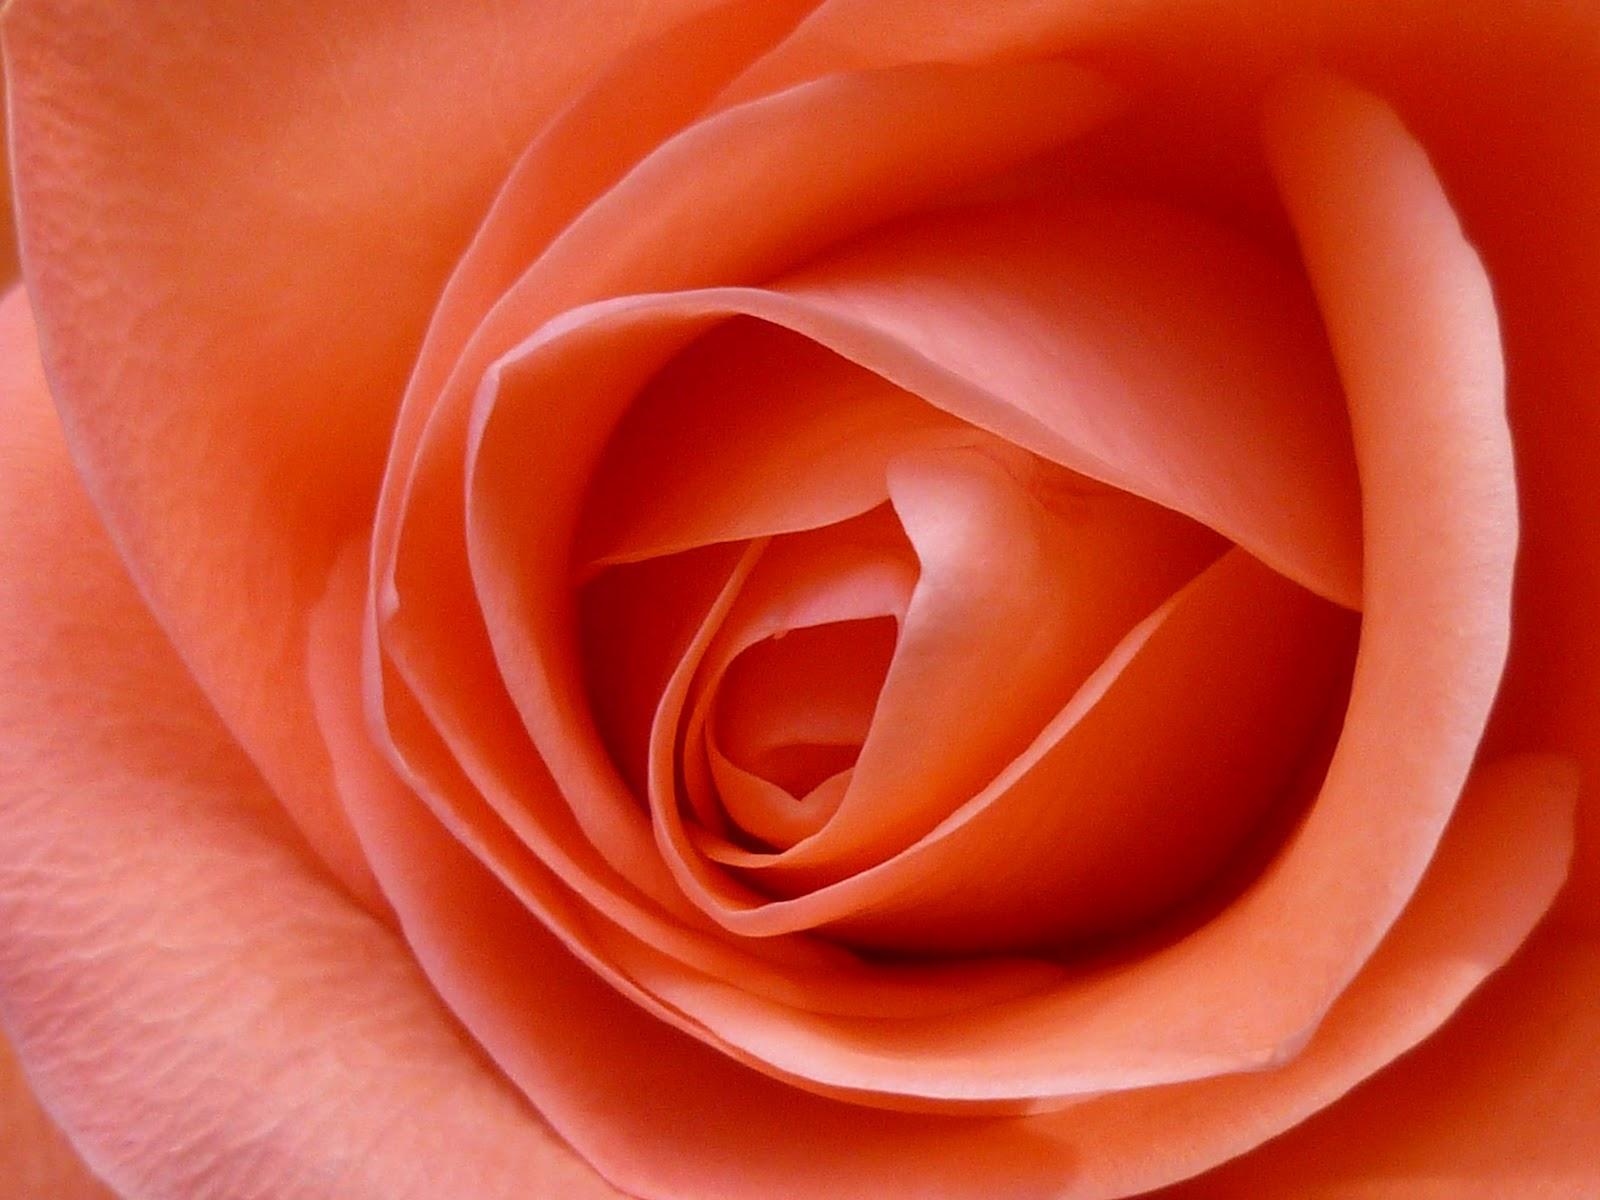 roses-burst